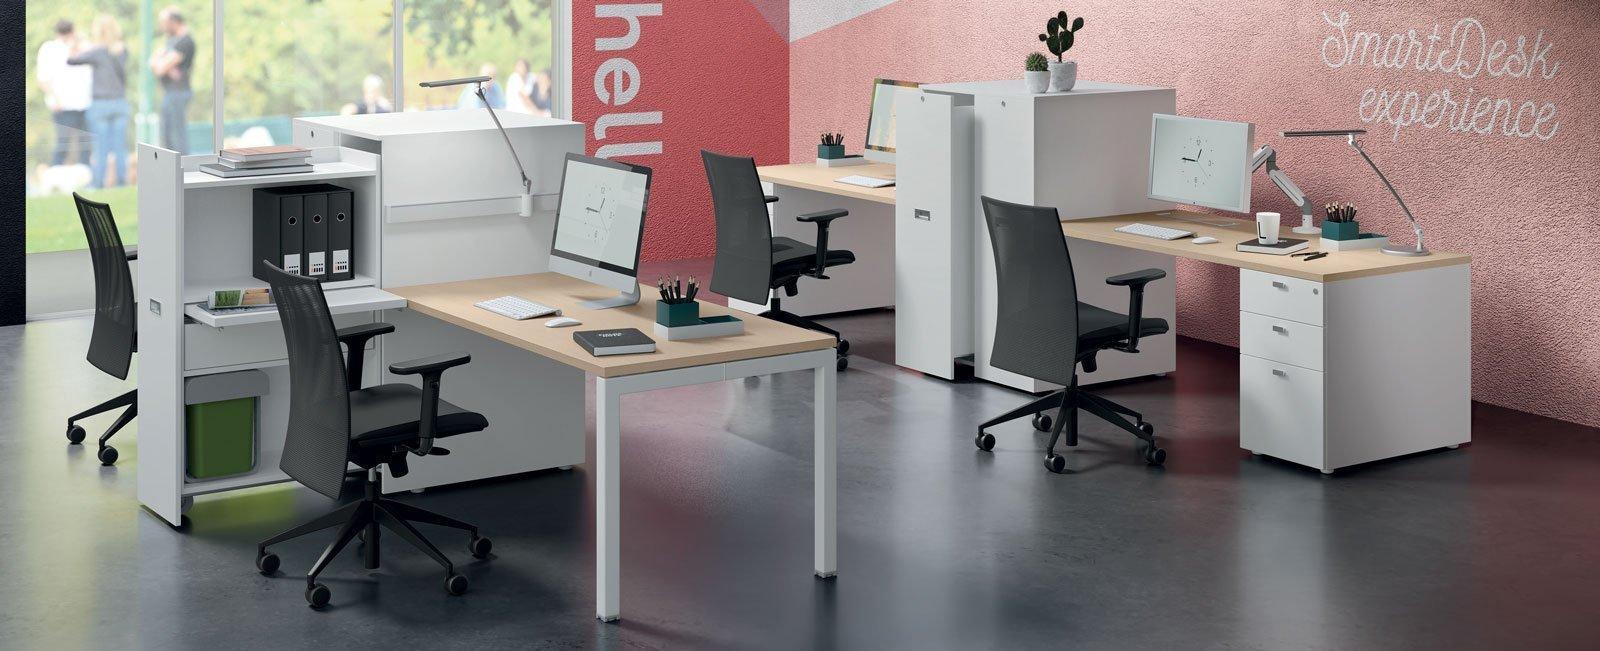 Square mobili operativi arredamento uffici mobili per ufficio - Arredo ufficio moderno ...